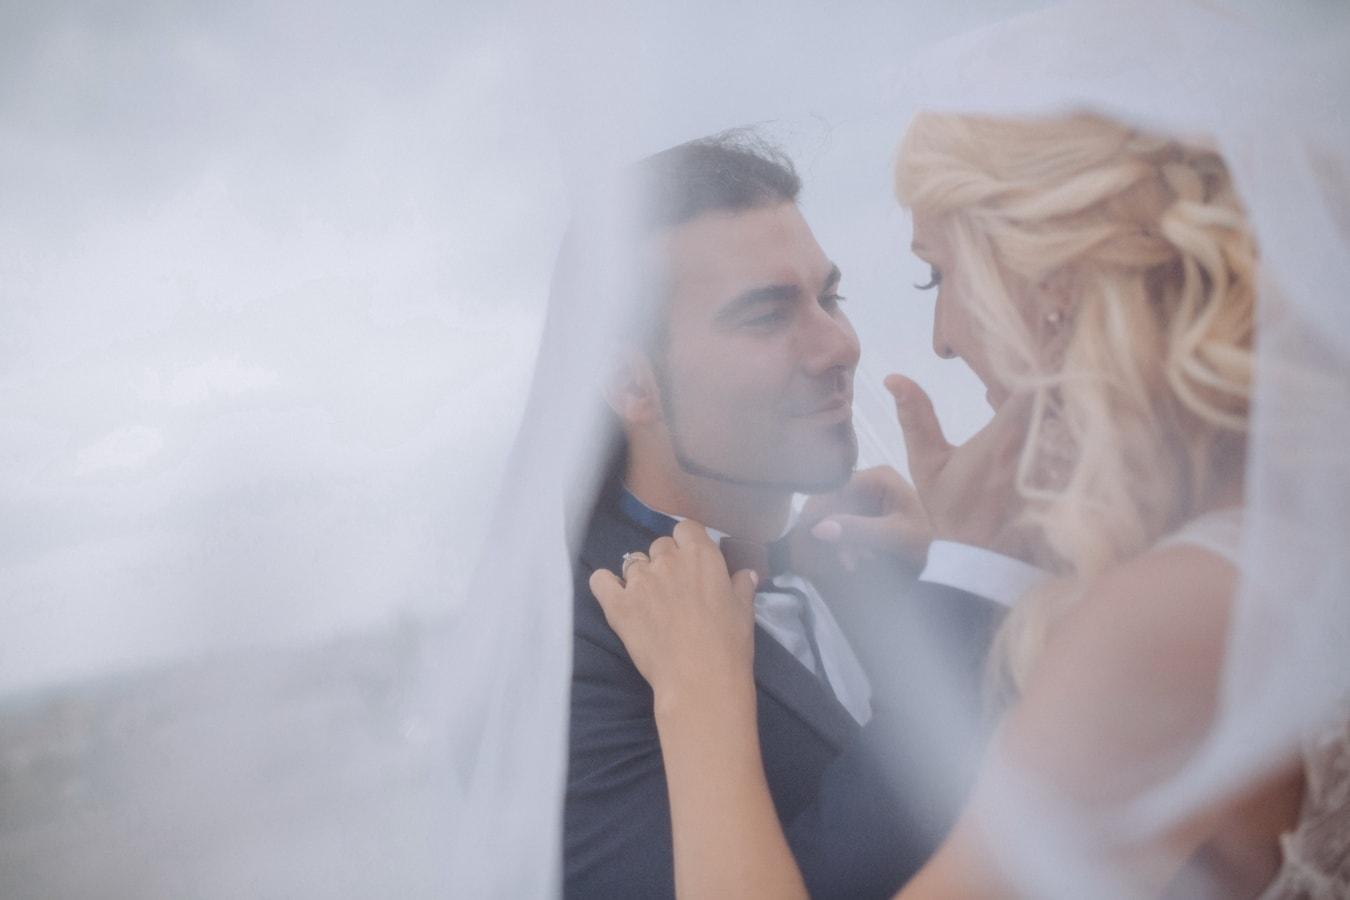 Bräutigam, Braut, darunter, Hochzeitskleid, Schleier, Frau, Porträt, Liebe, Hochzeit, Romantik